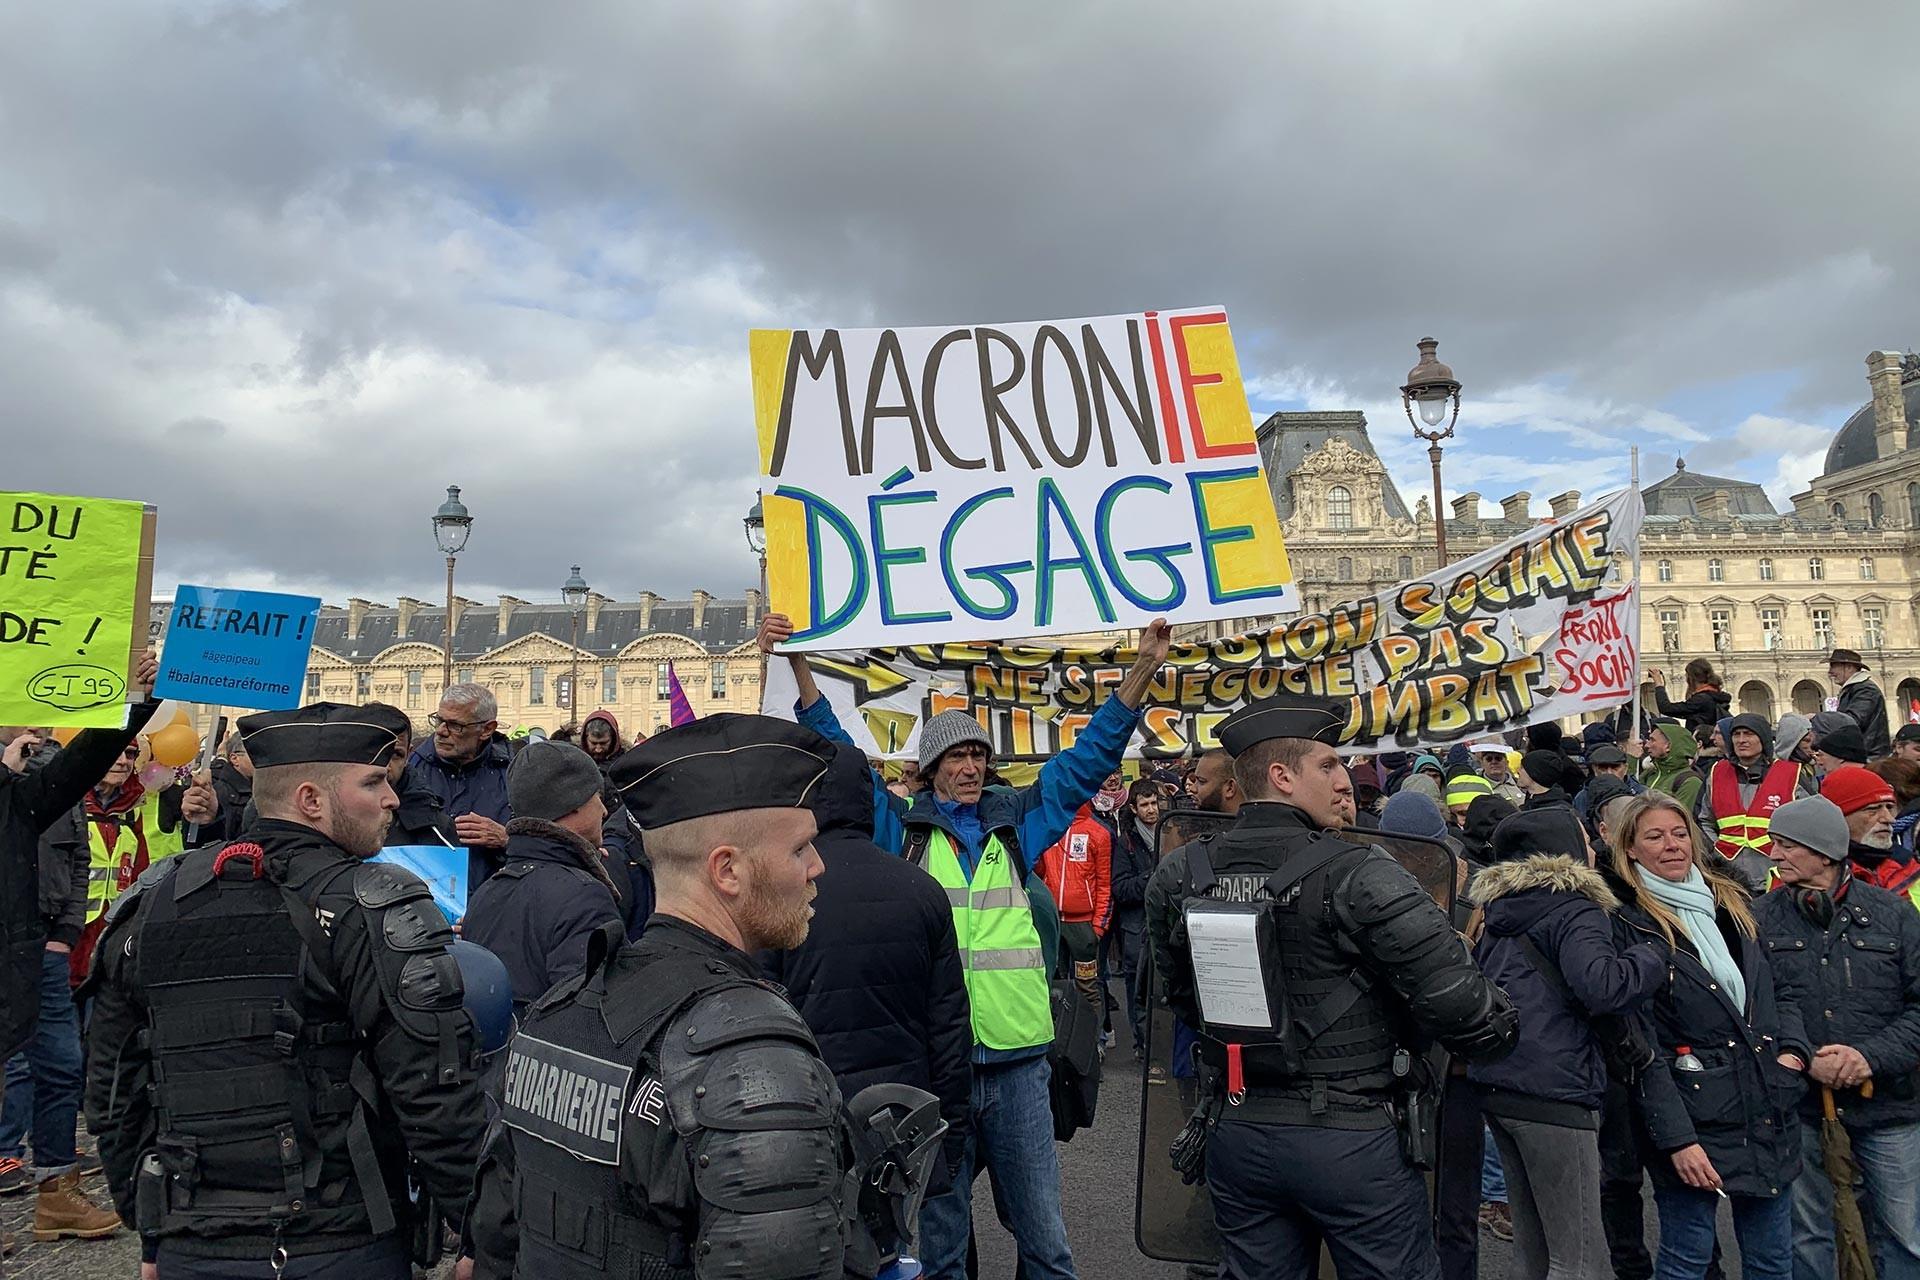 Macron istifa yazılı bir döviz taşıyan kişi ve çok sayıda eylemci ve polisler.